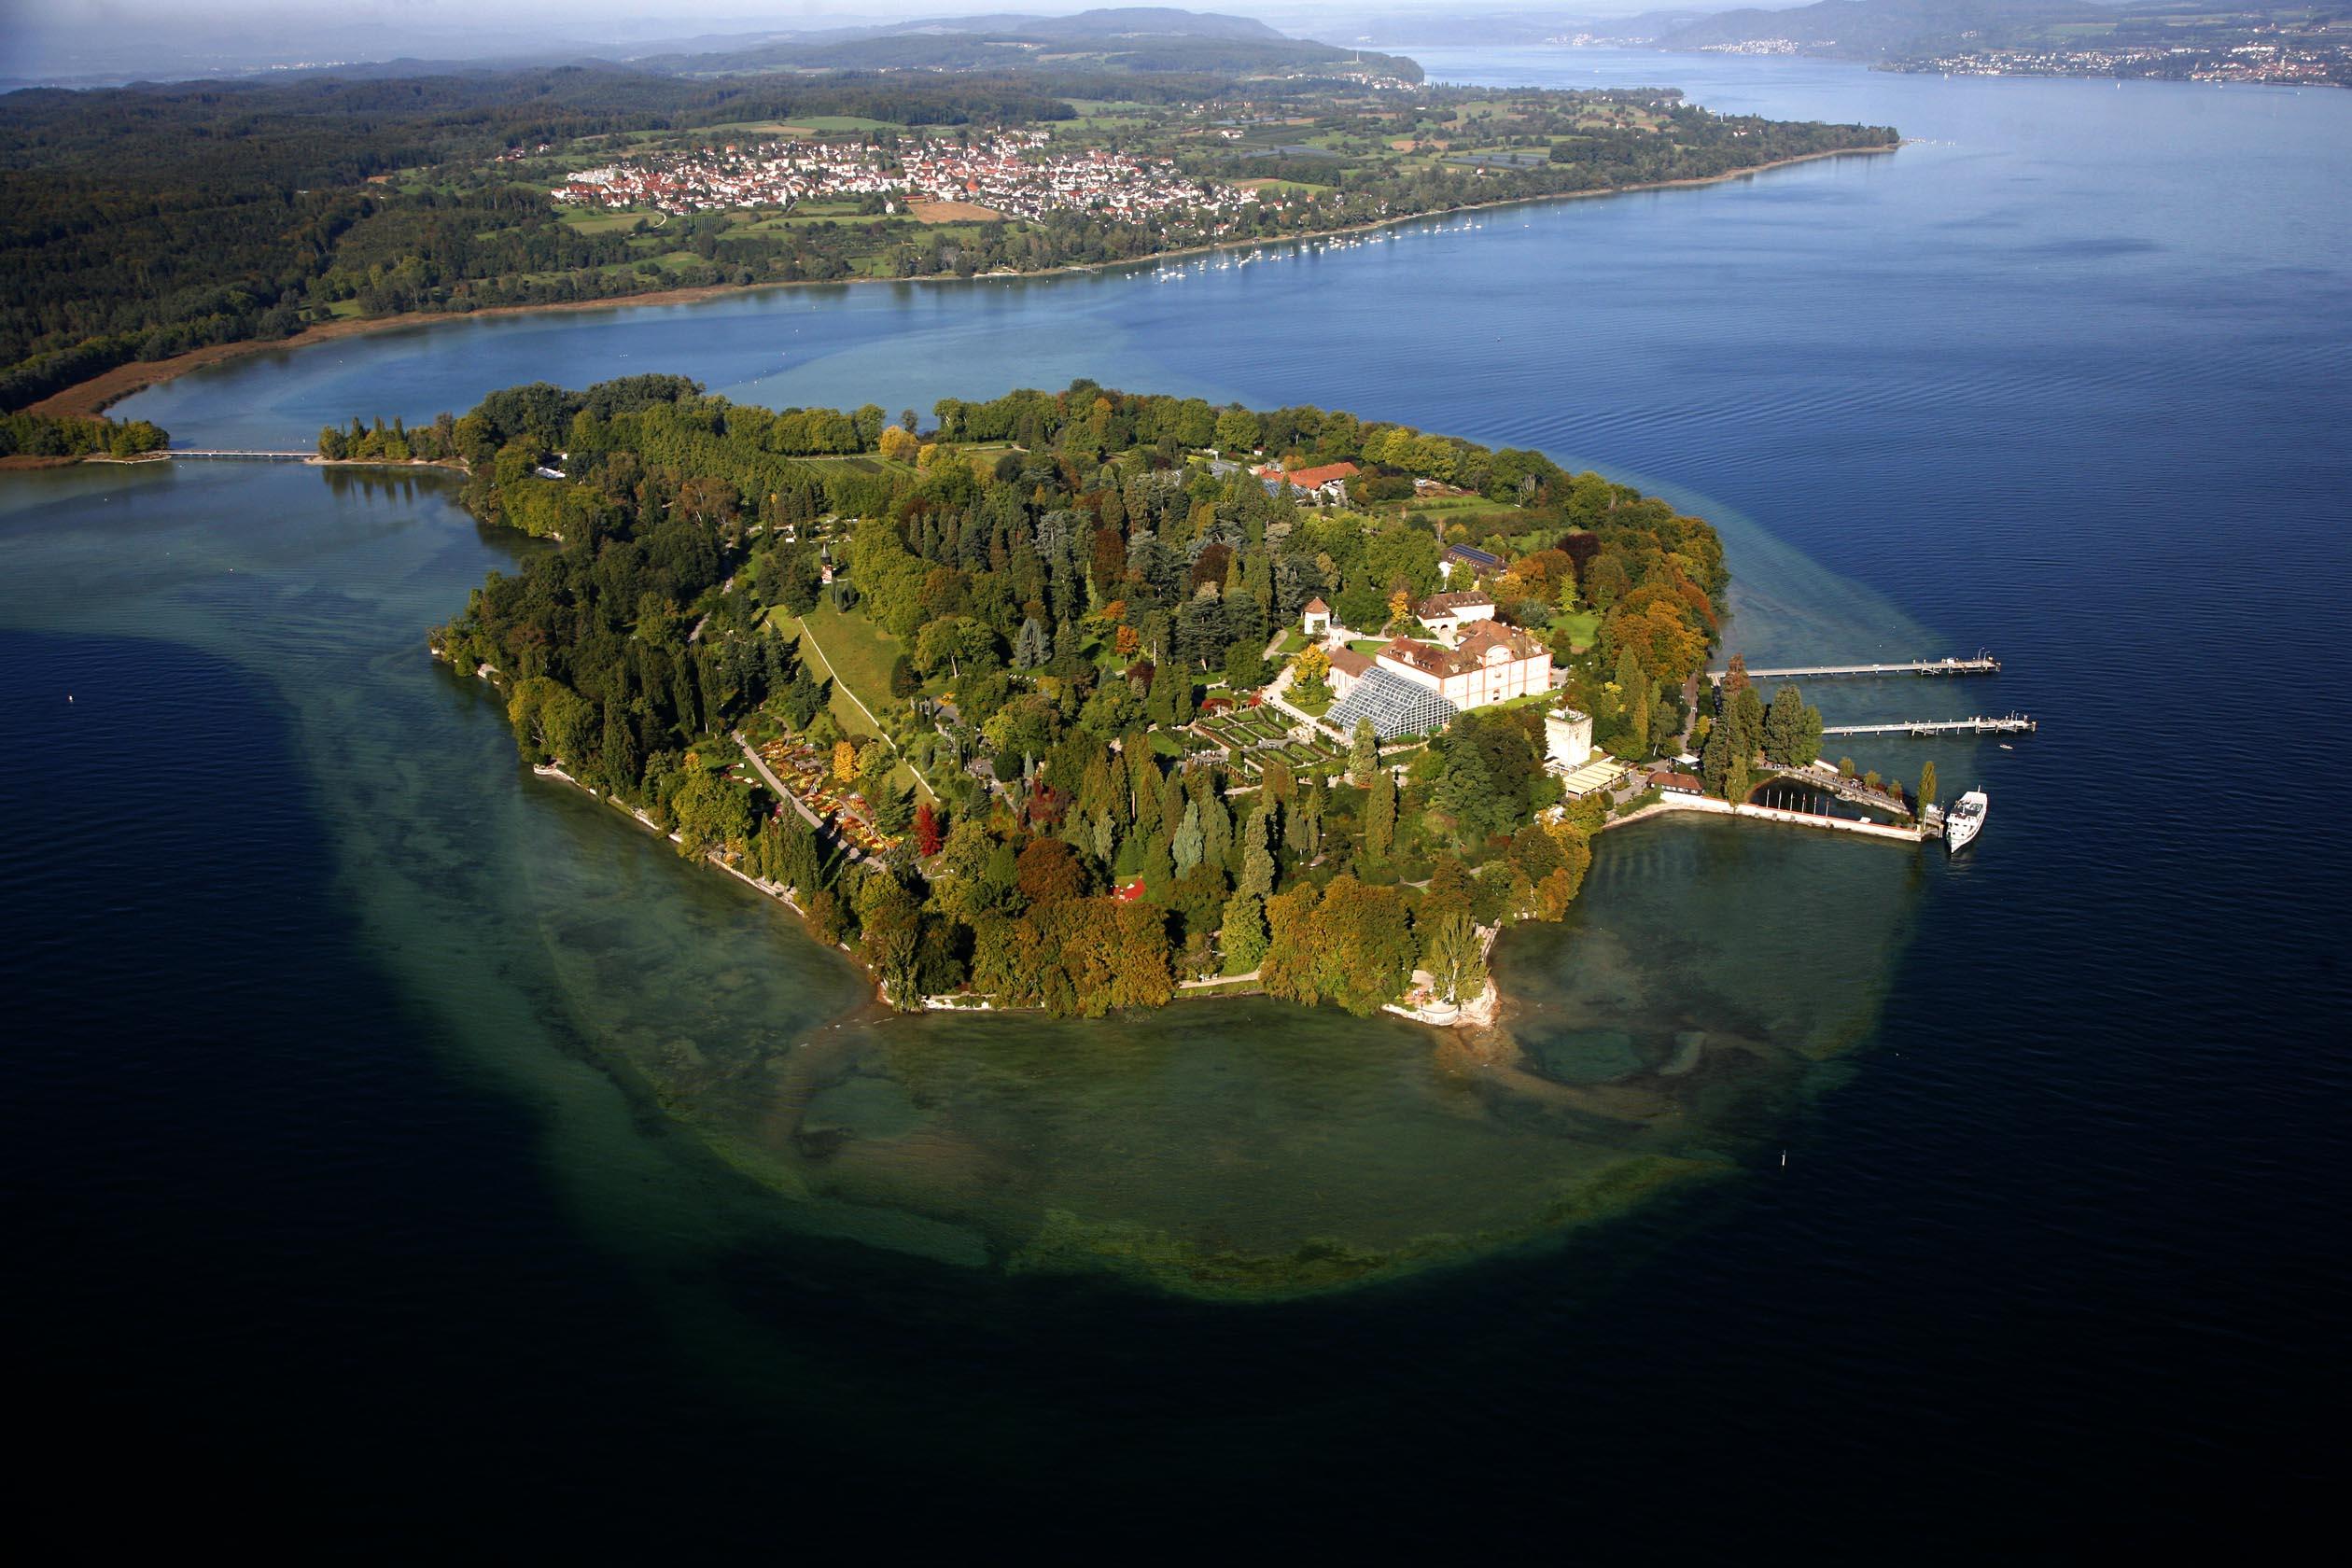 Luftaufnahme der Blumeninsel Mainau im Bodensee